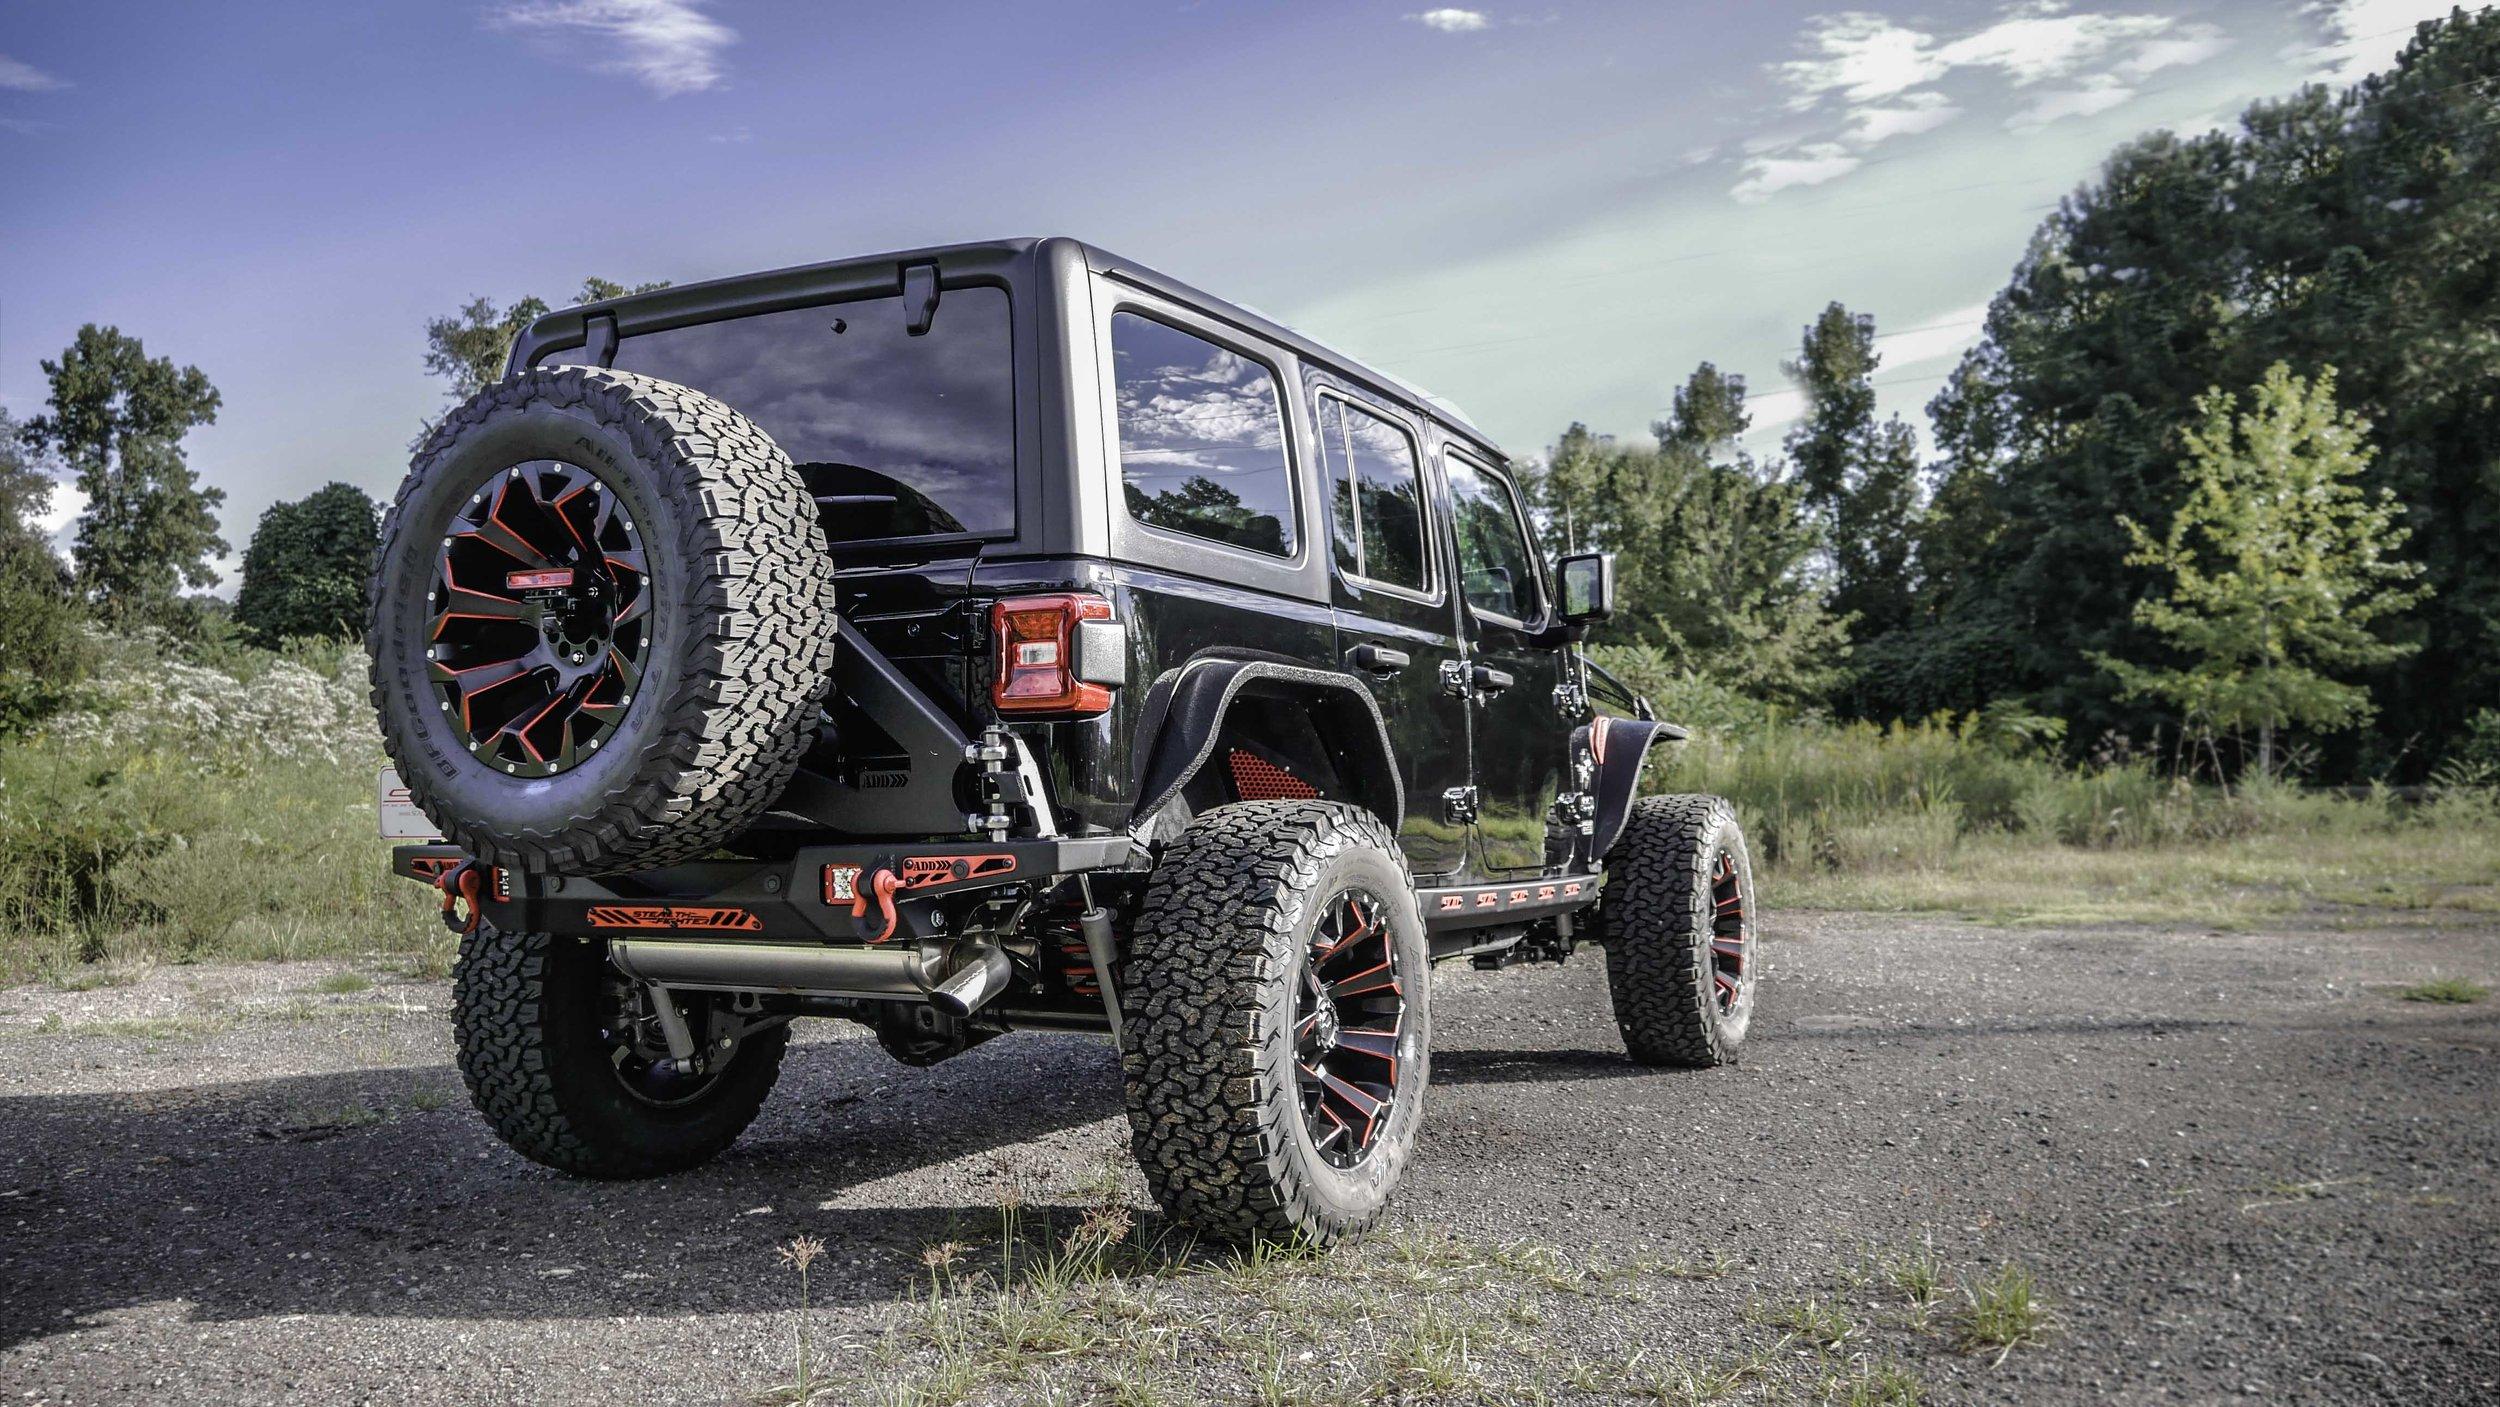 Jeep JL Red Rear.jpg